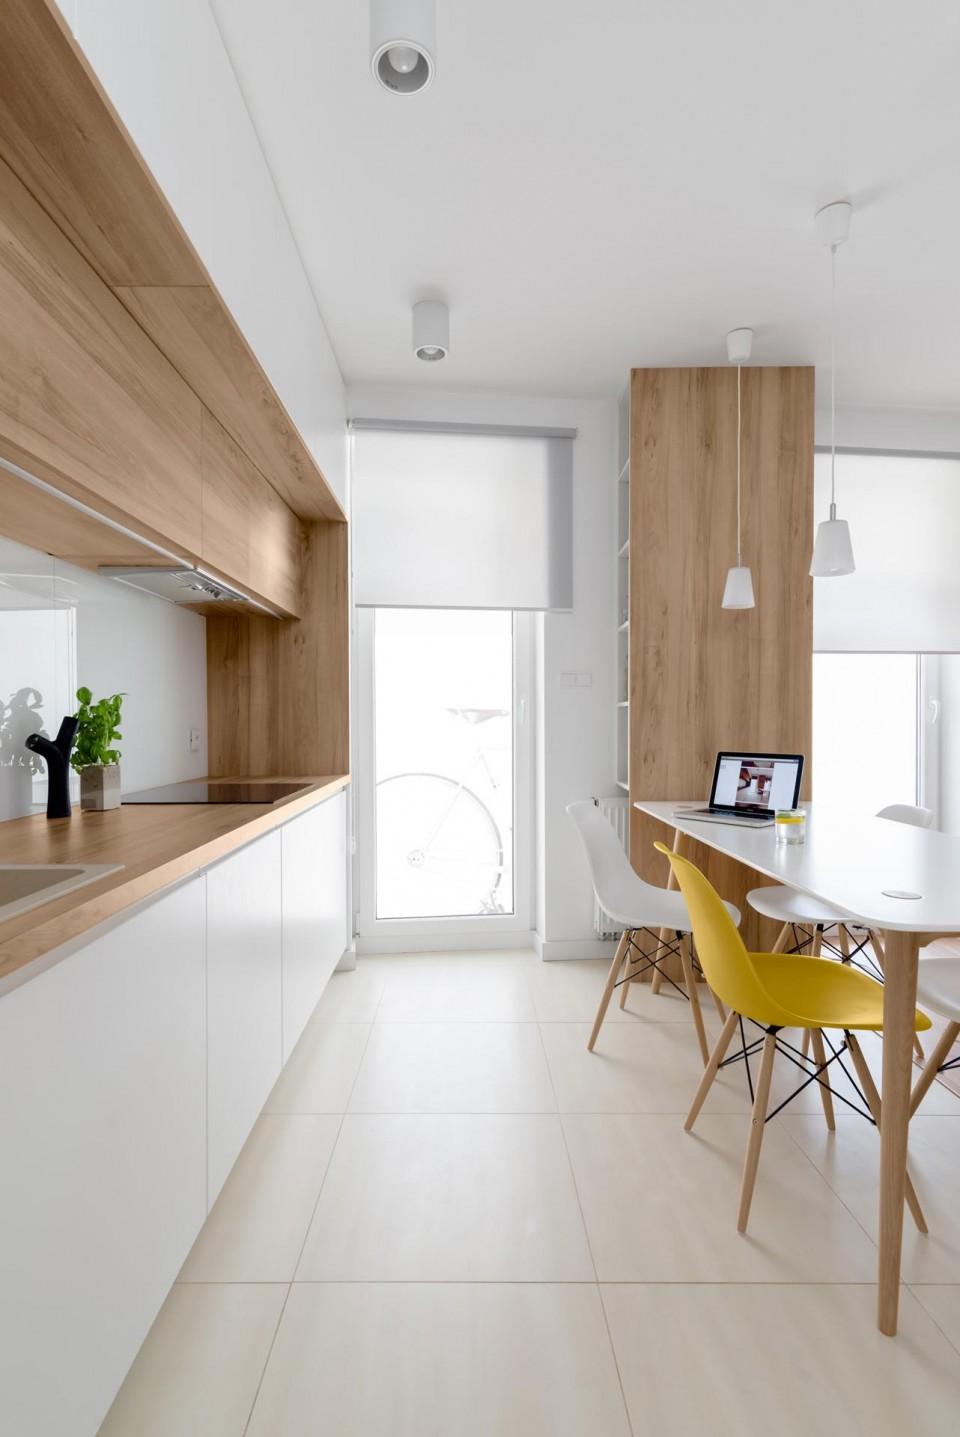 Virtuv pliusai minusai viskas apie interjer - Ikea iluminacion interior ...